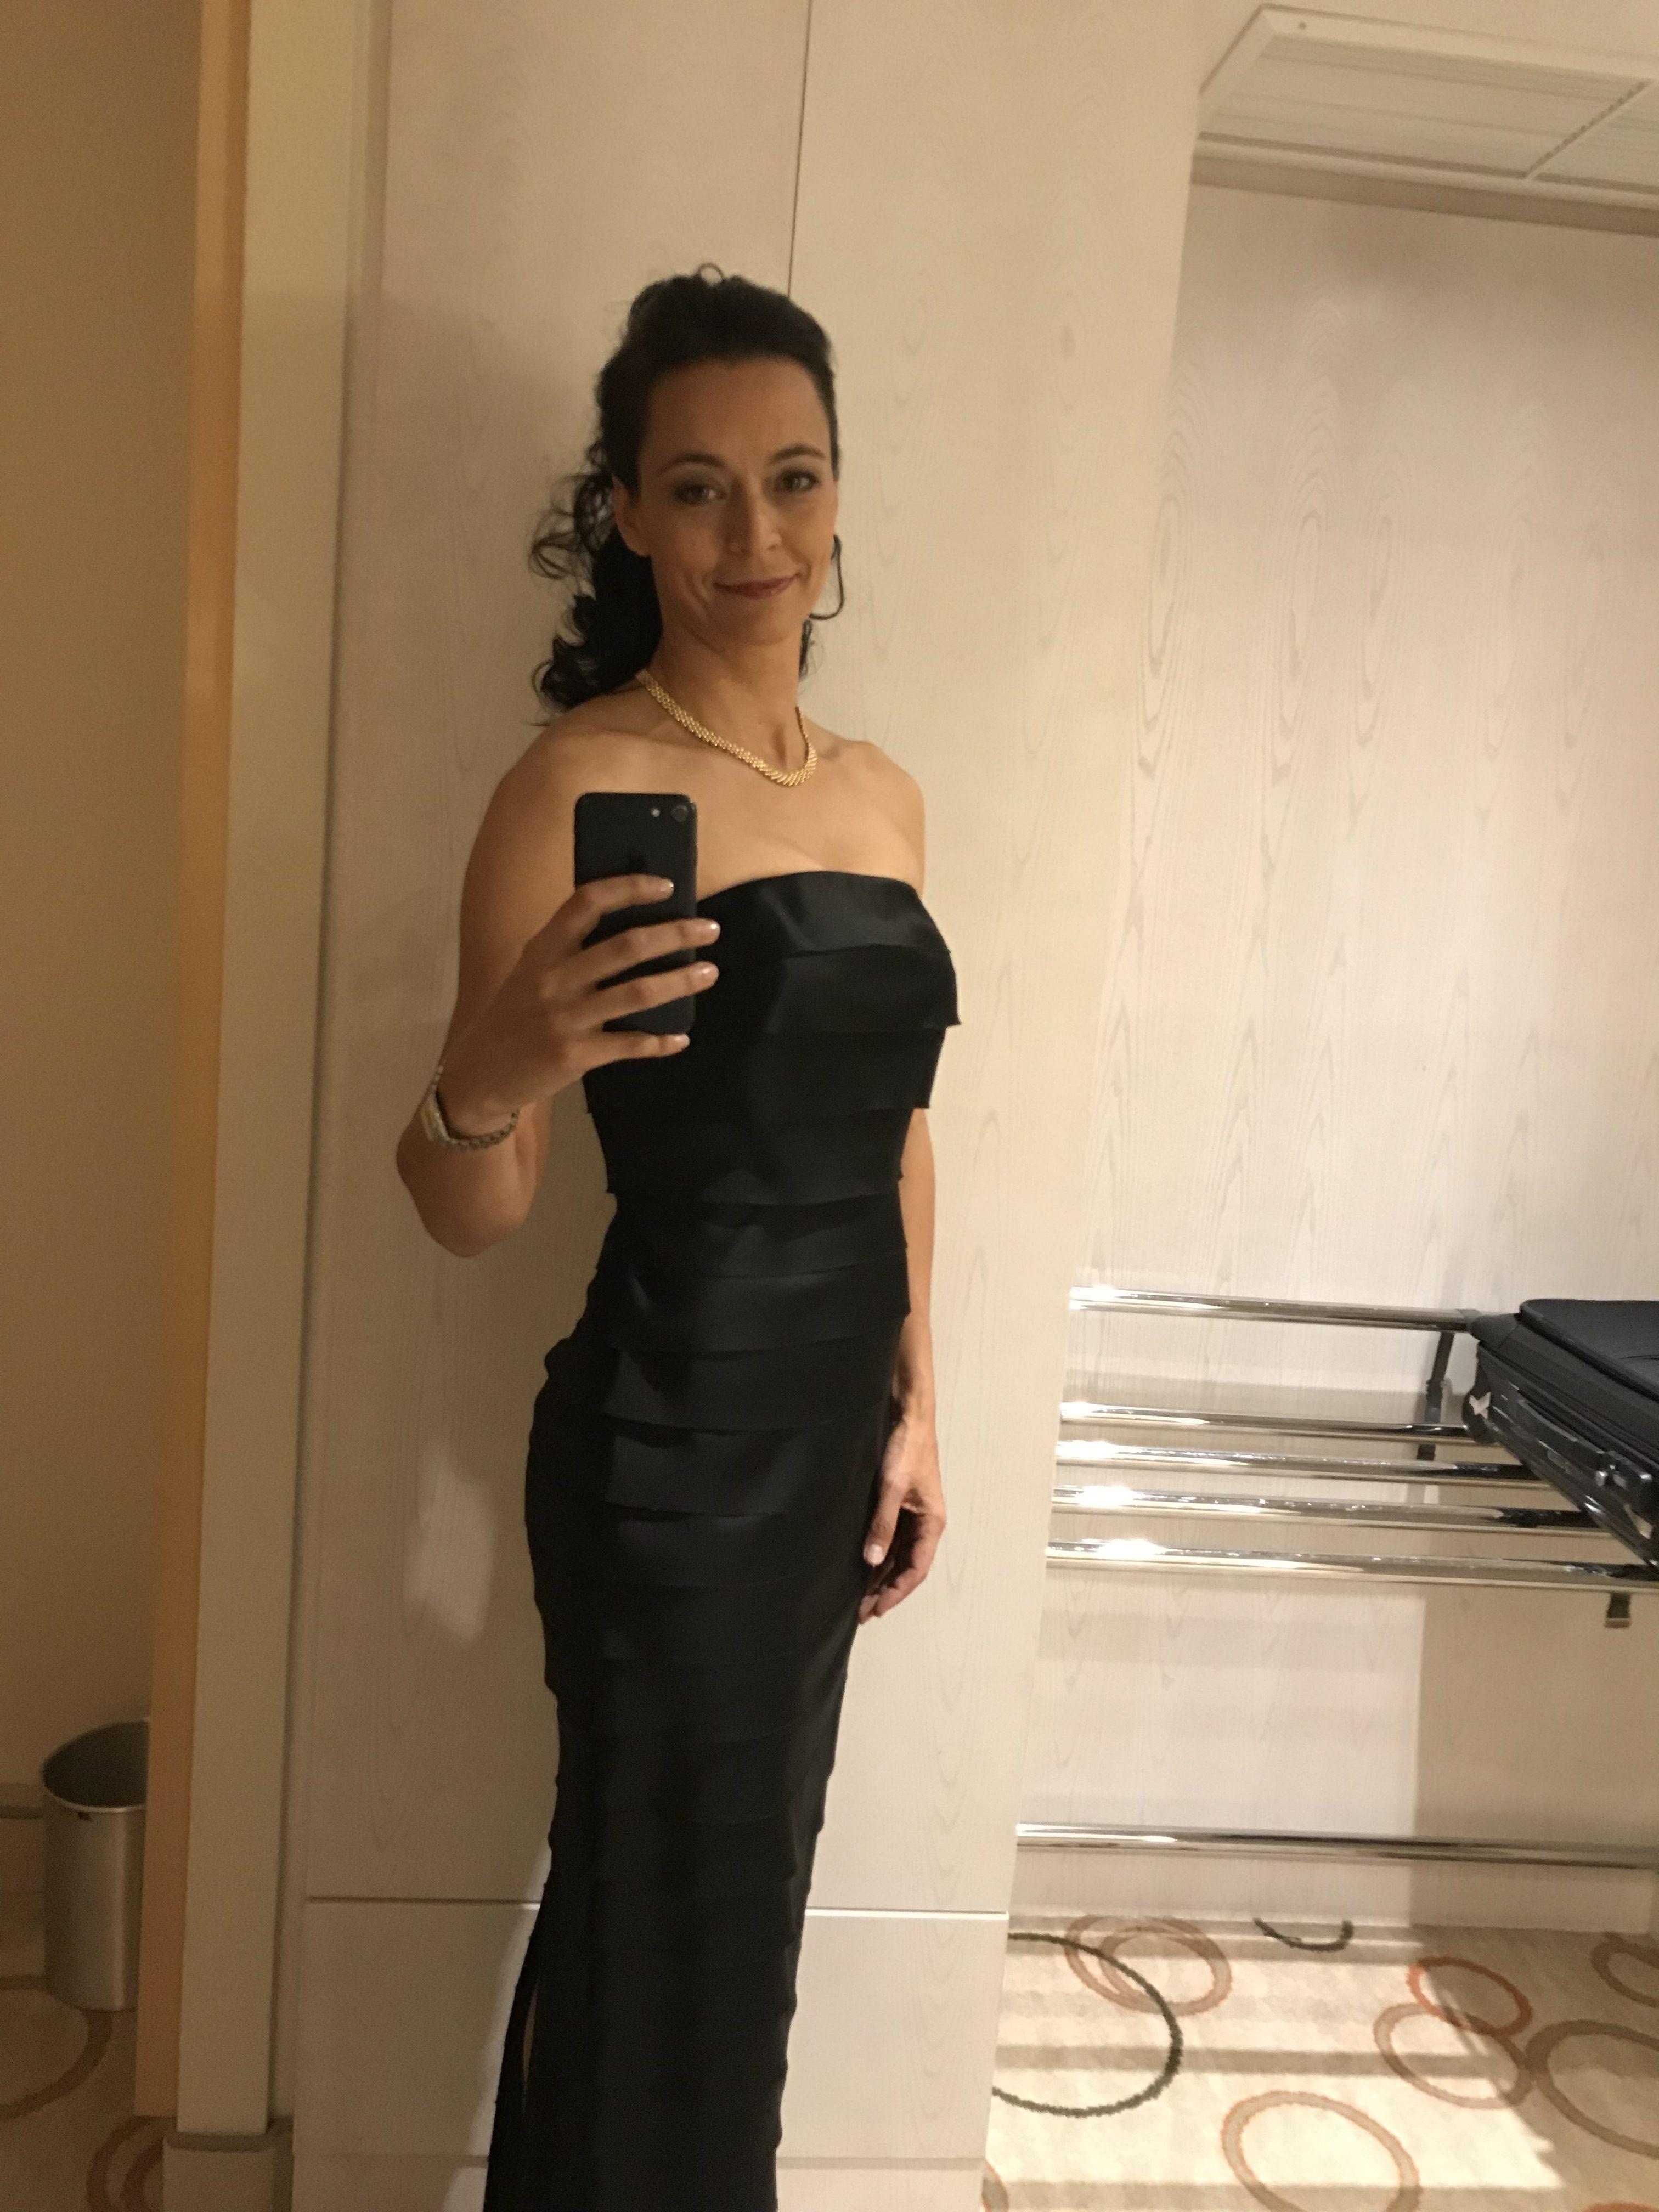 Selfie von Yvonne de Bark, ich sehe meine Körpersprache